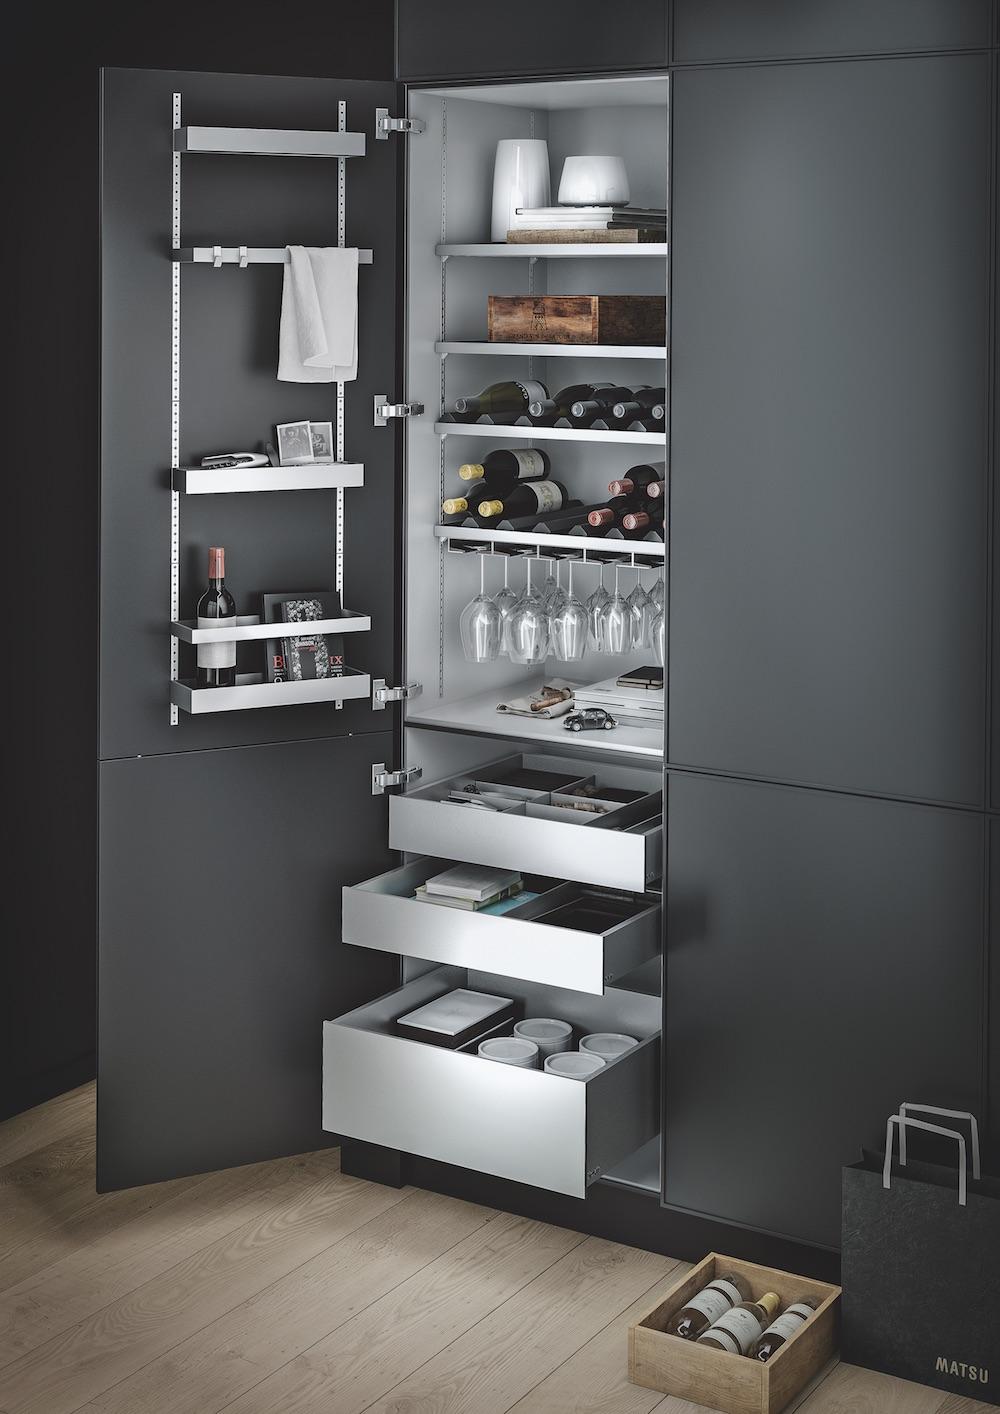 Voorraadkast Keuken Inhoud  u2013 Atumre com